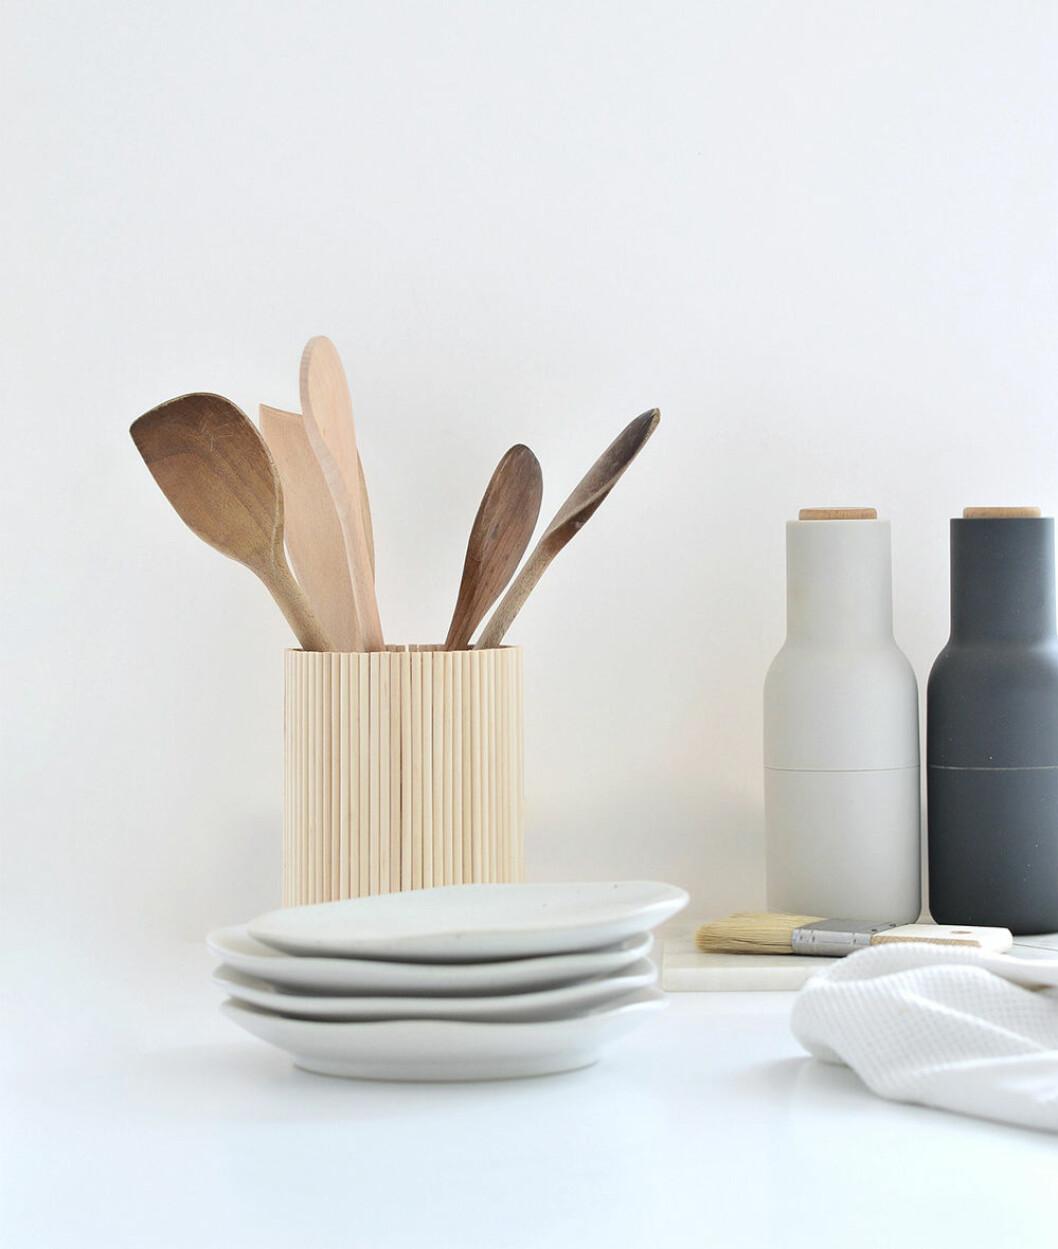 Ikeahack - ställ för köksredskap